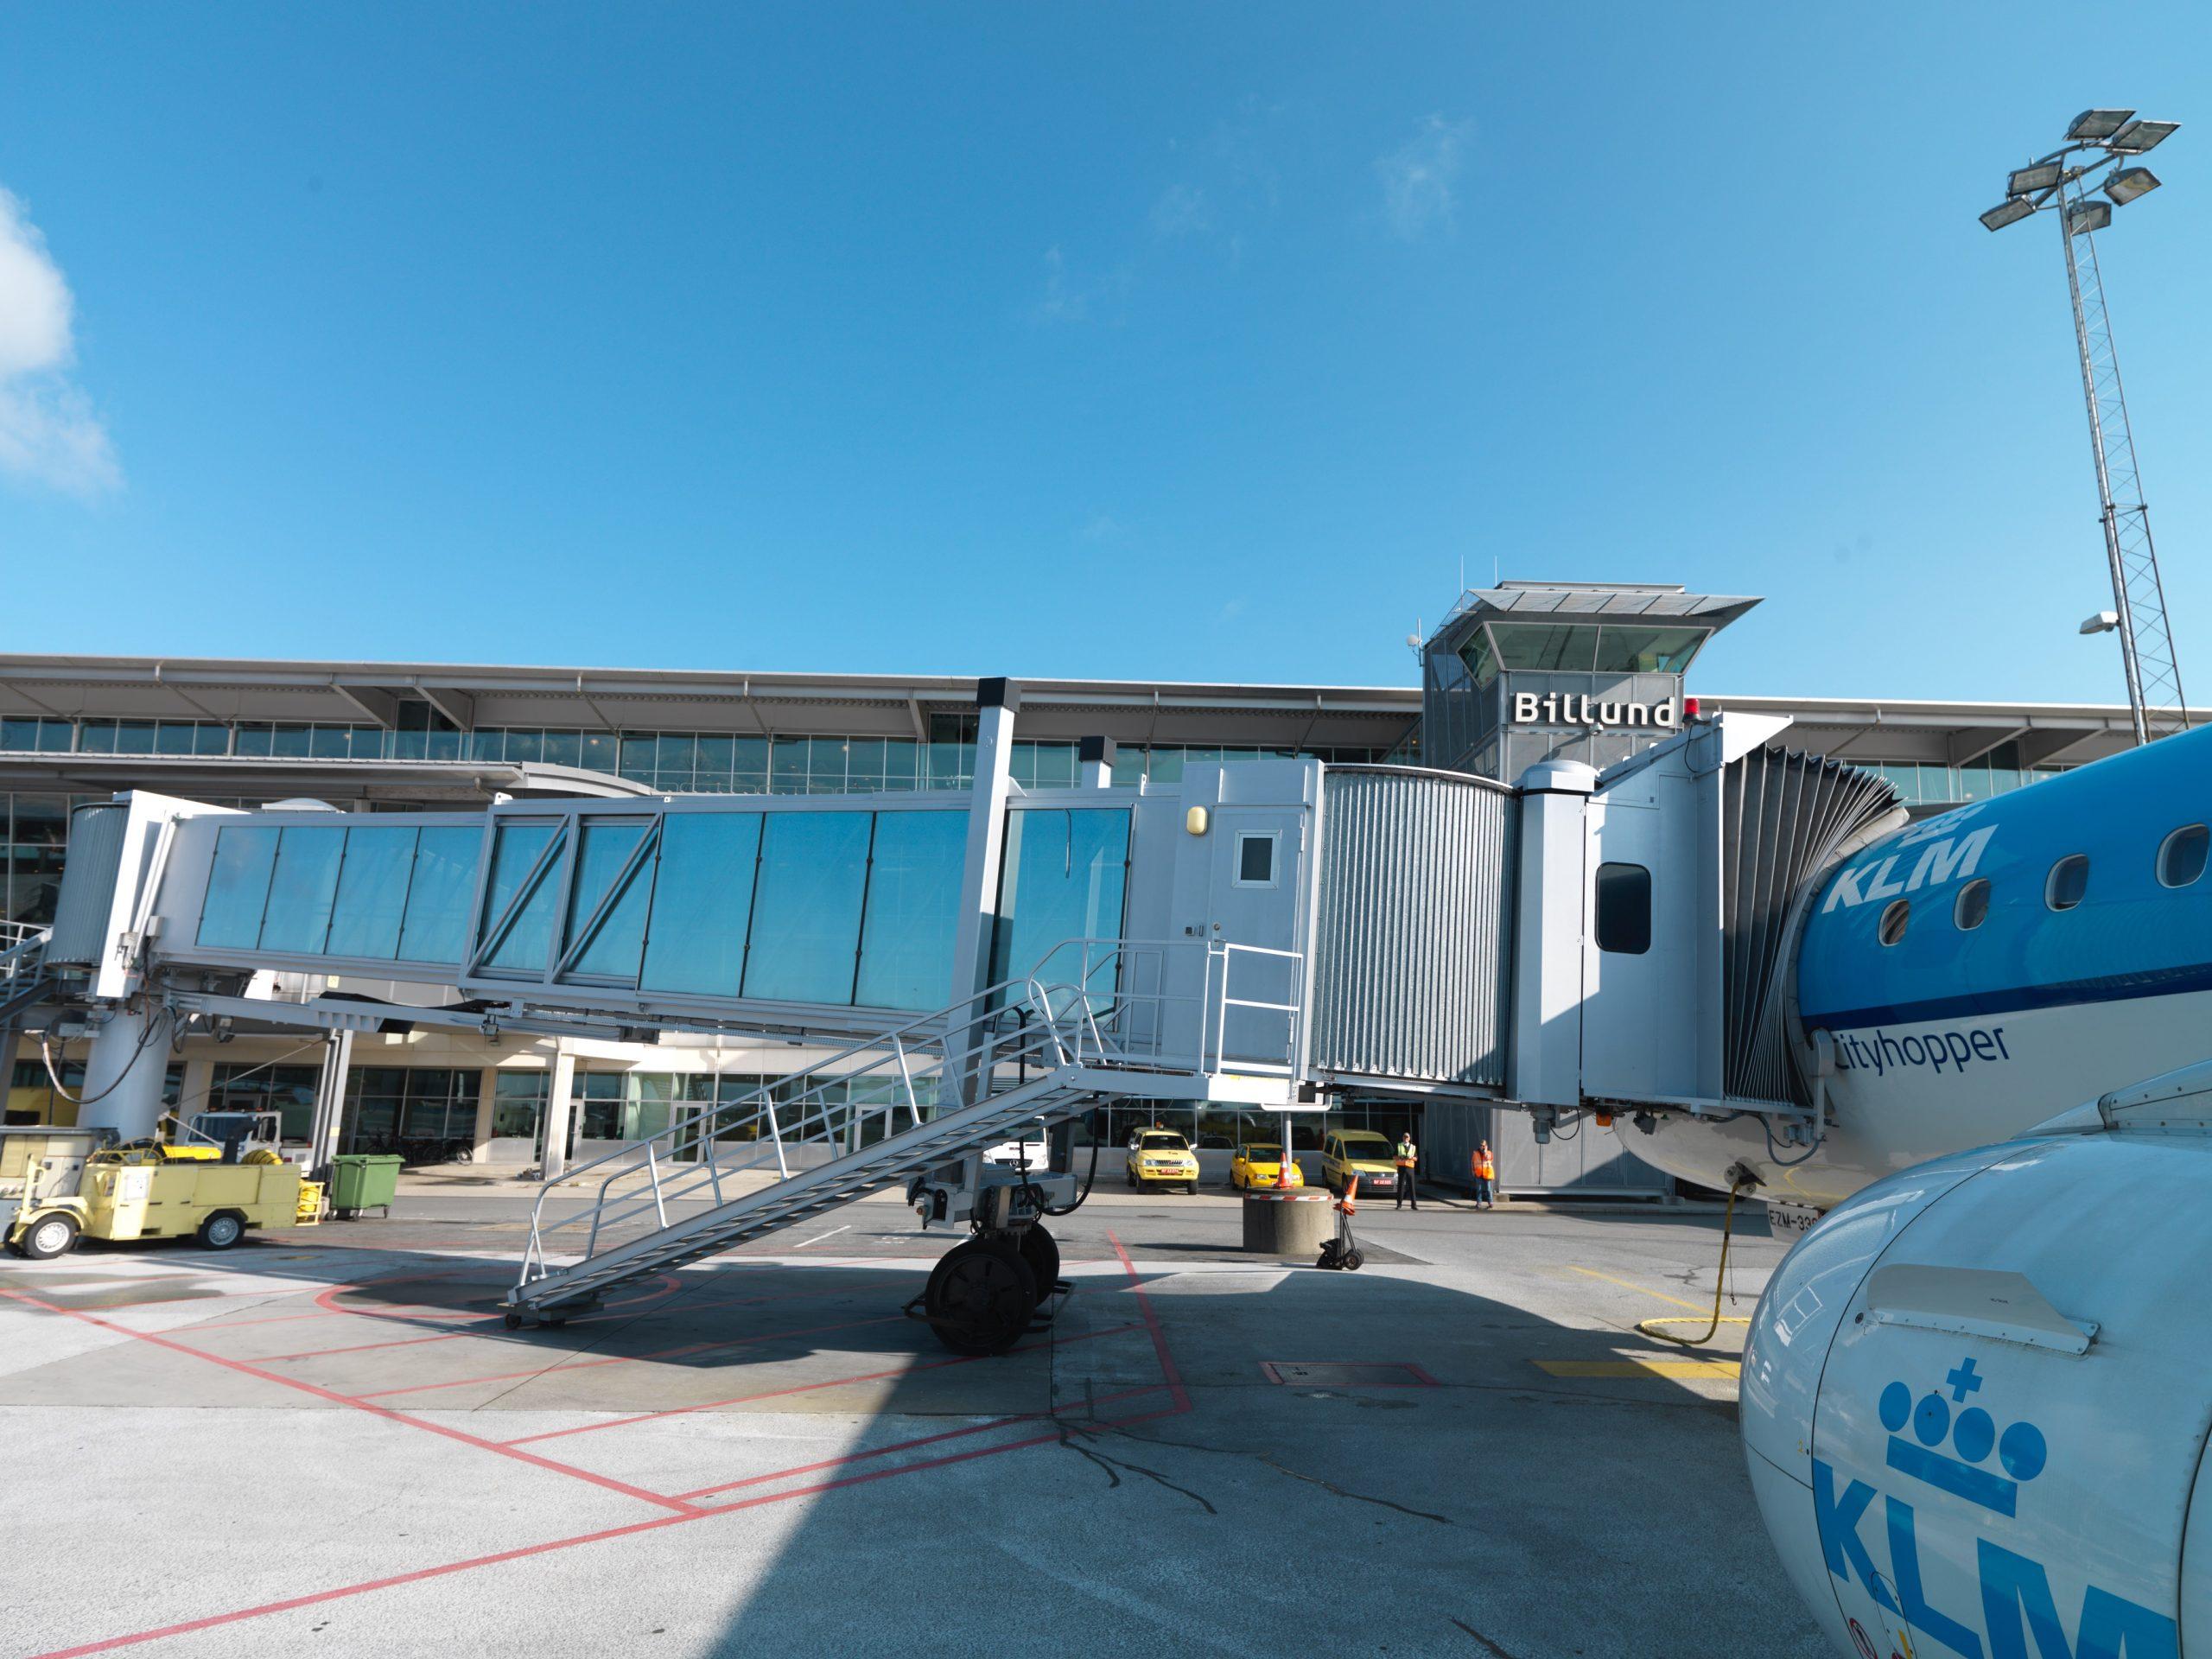 KLM er på vej mod at have 12 daglige afgange fra Amsterdam til Danmark, seks til Københavns Lufthavn samt tre til såvel Billund Lufthavn og Aalborg Lufthavn. Arkivfoto fra Billund Lufthavn.